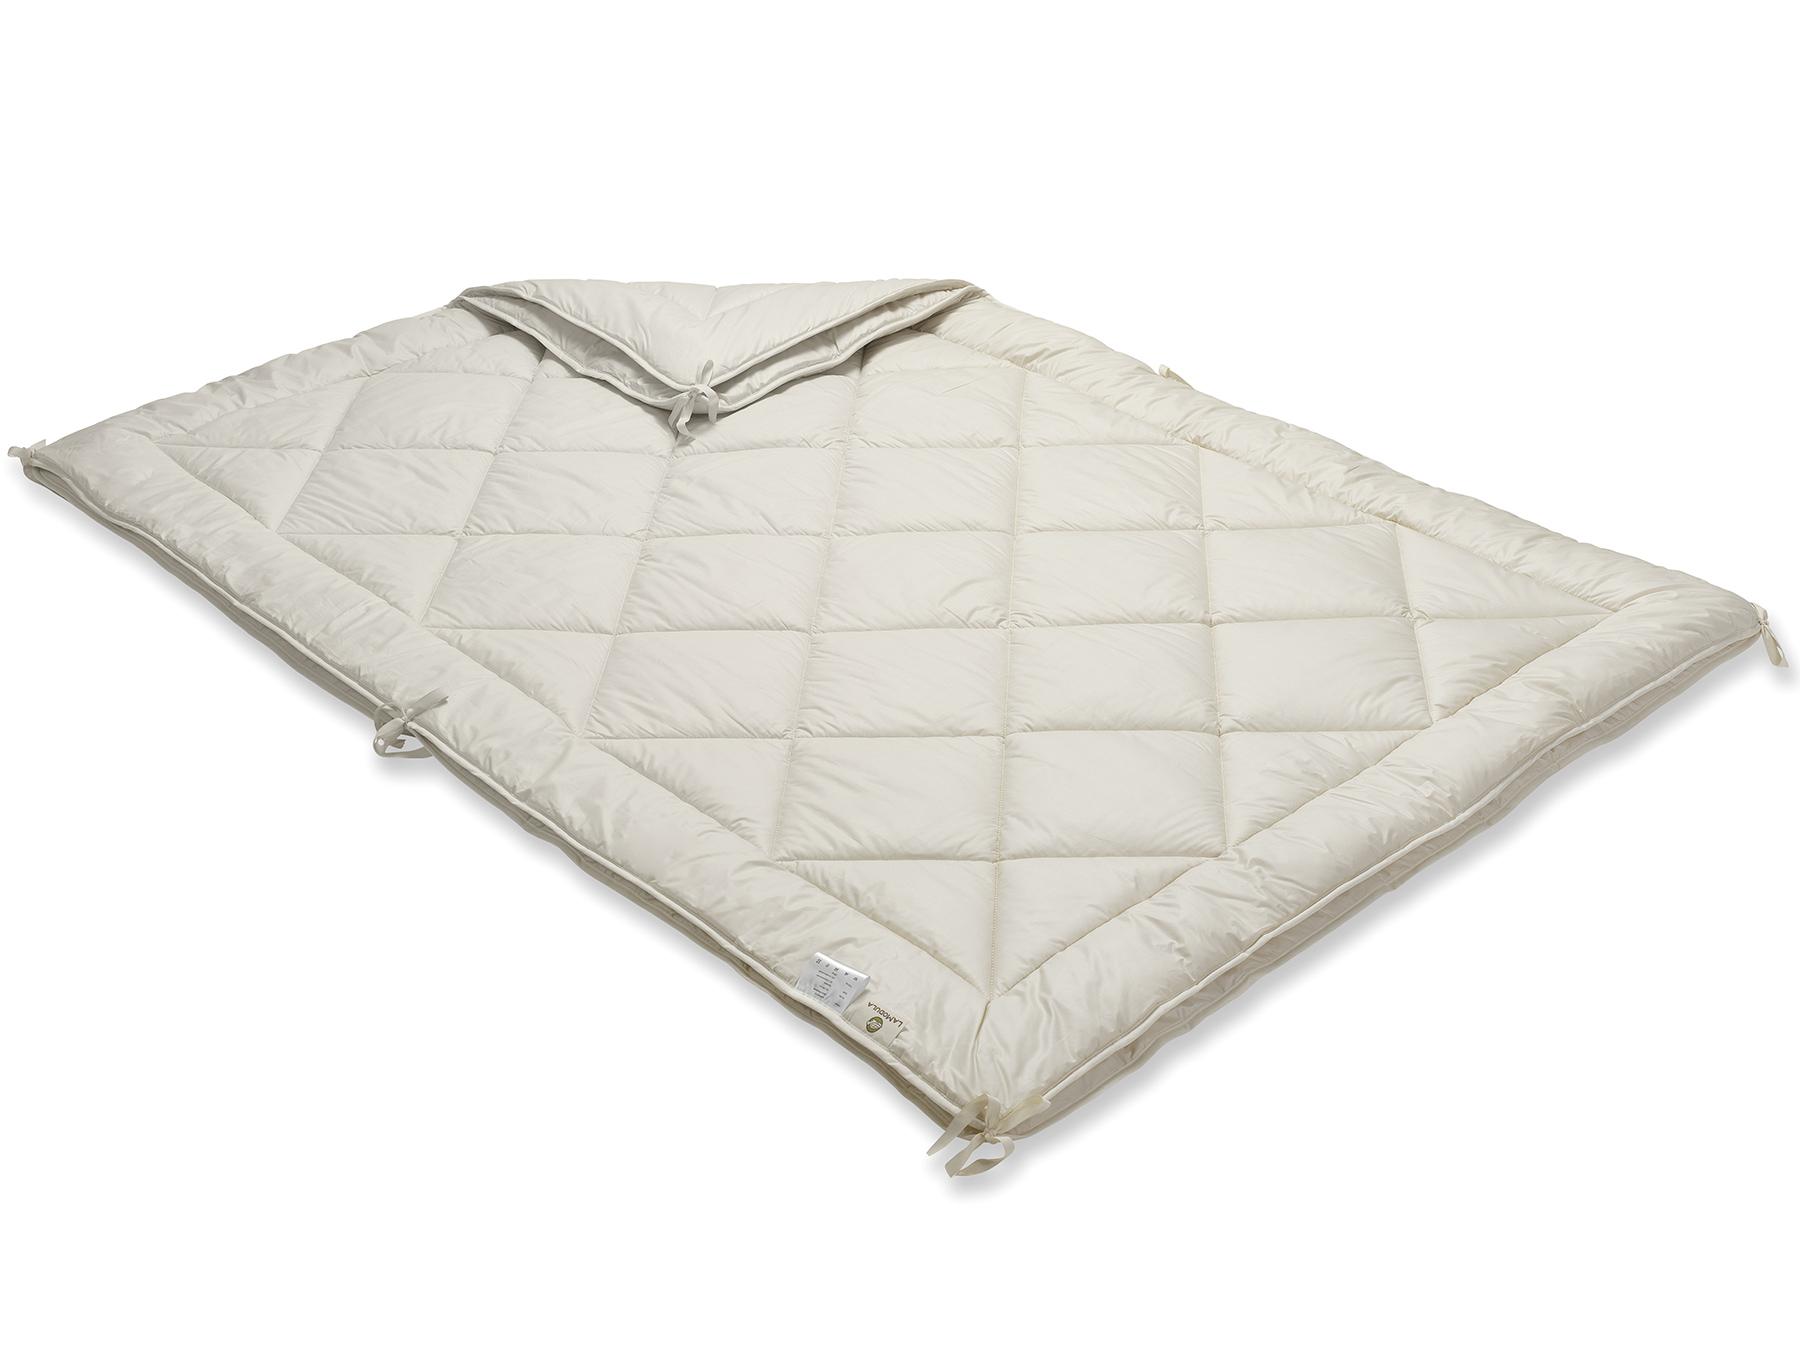 Mit praktischen Bändern werden die beiden Decken miteinander verknüpft.